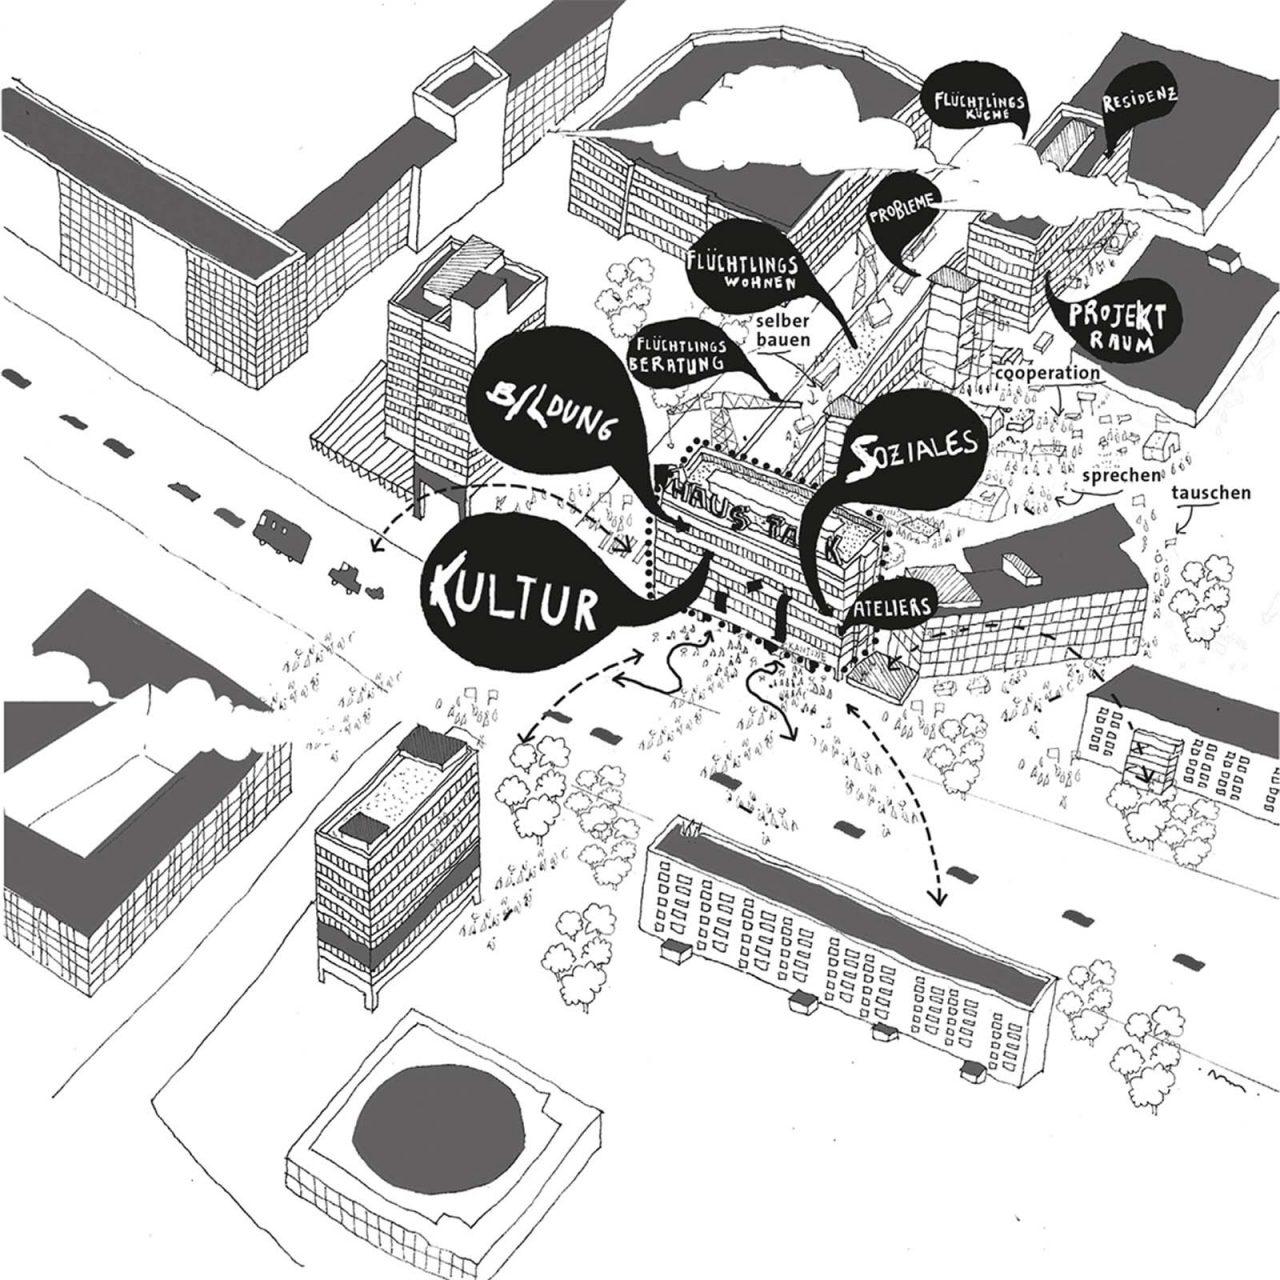 Haus der Statistik. Studie einer Umnutzung von Raumlabor